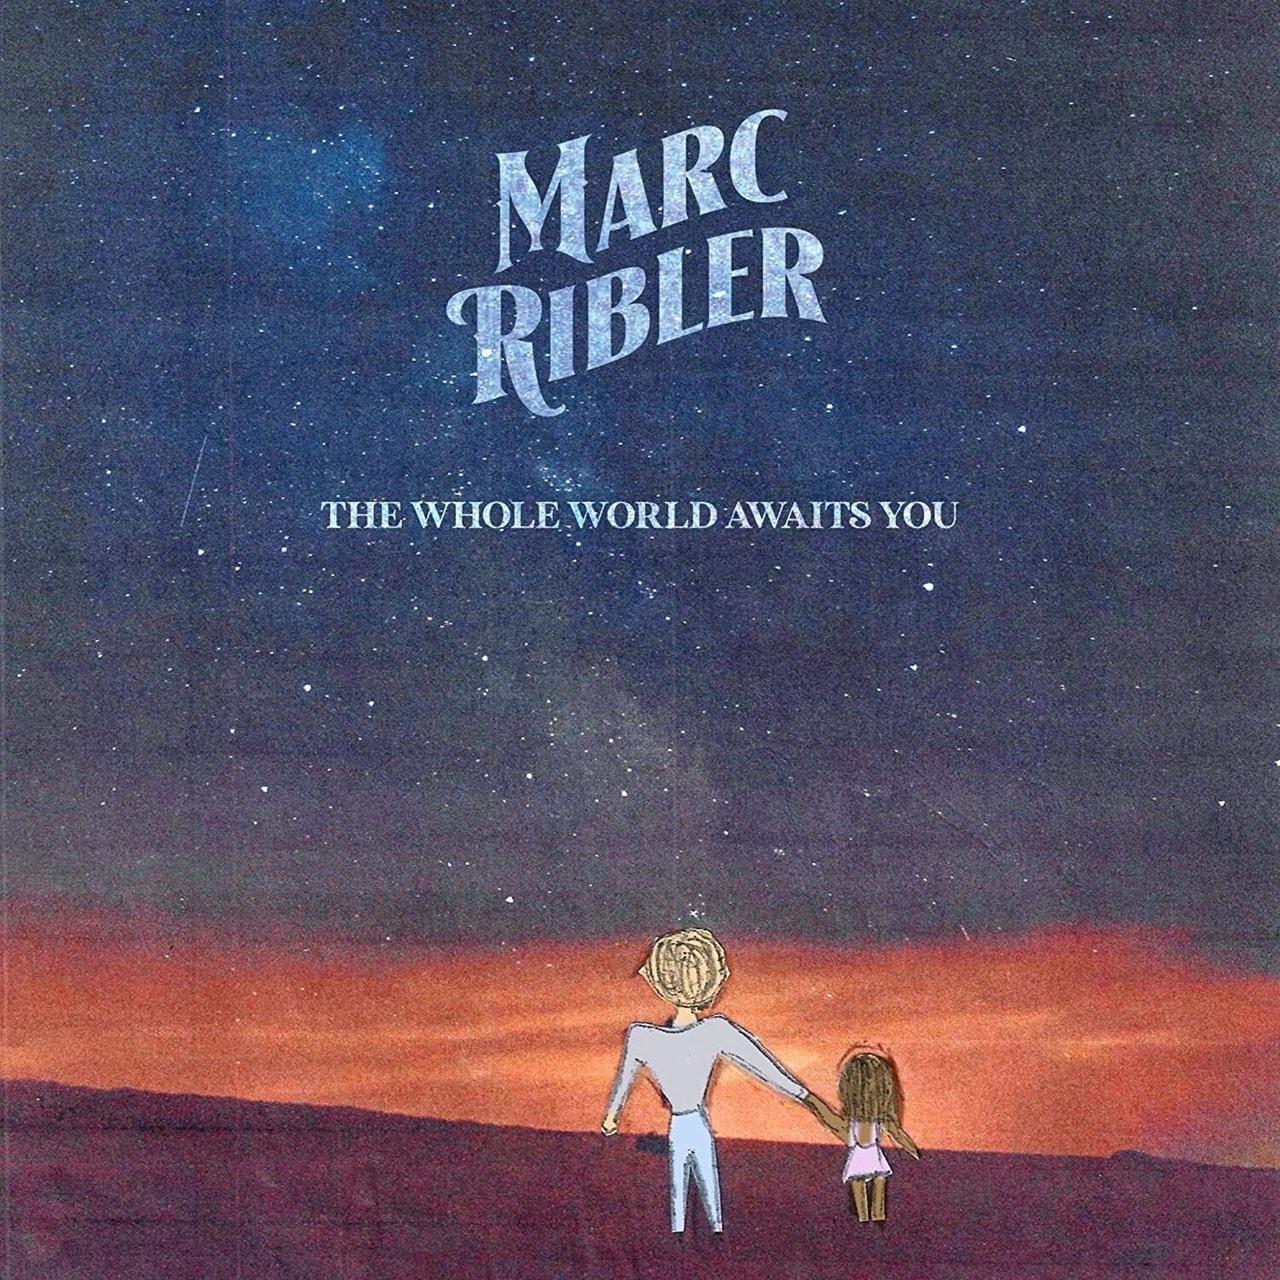 The Whole World Awaits You - 1